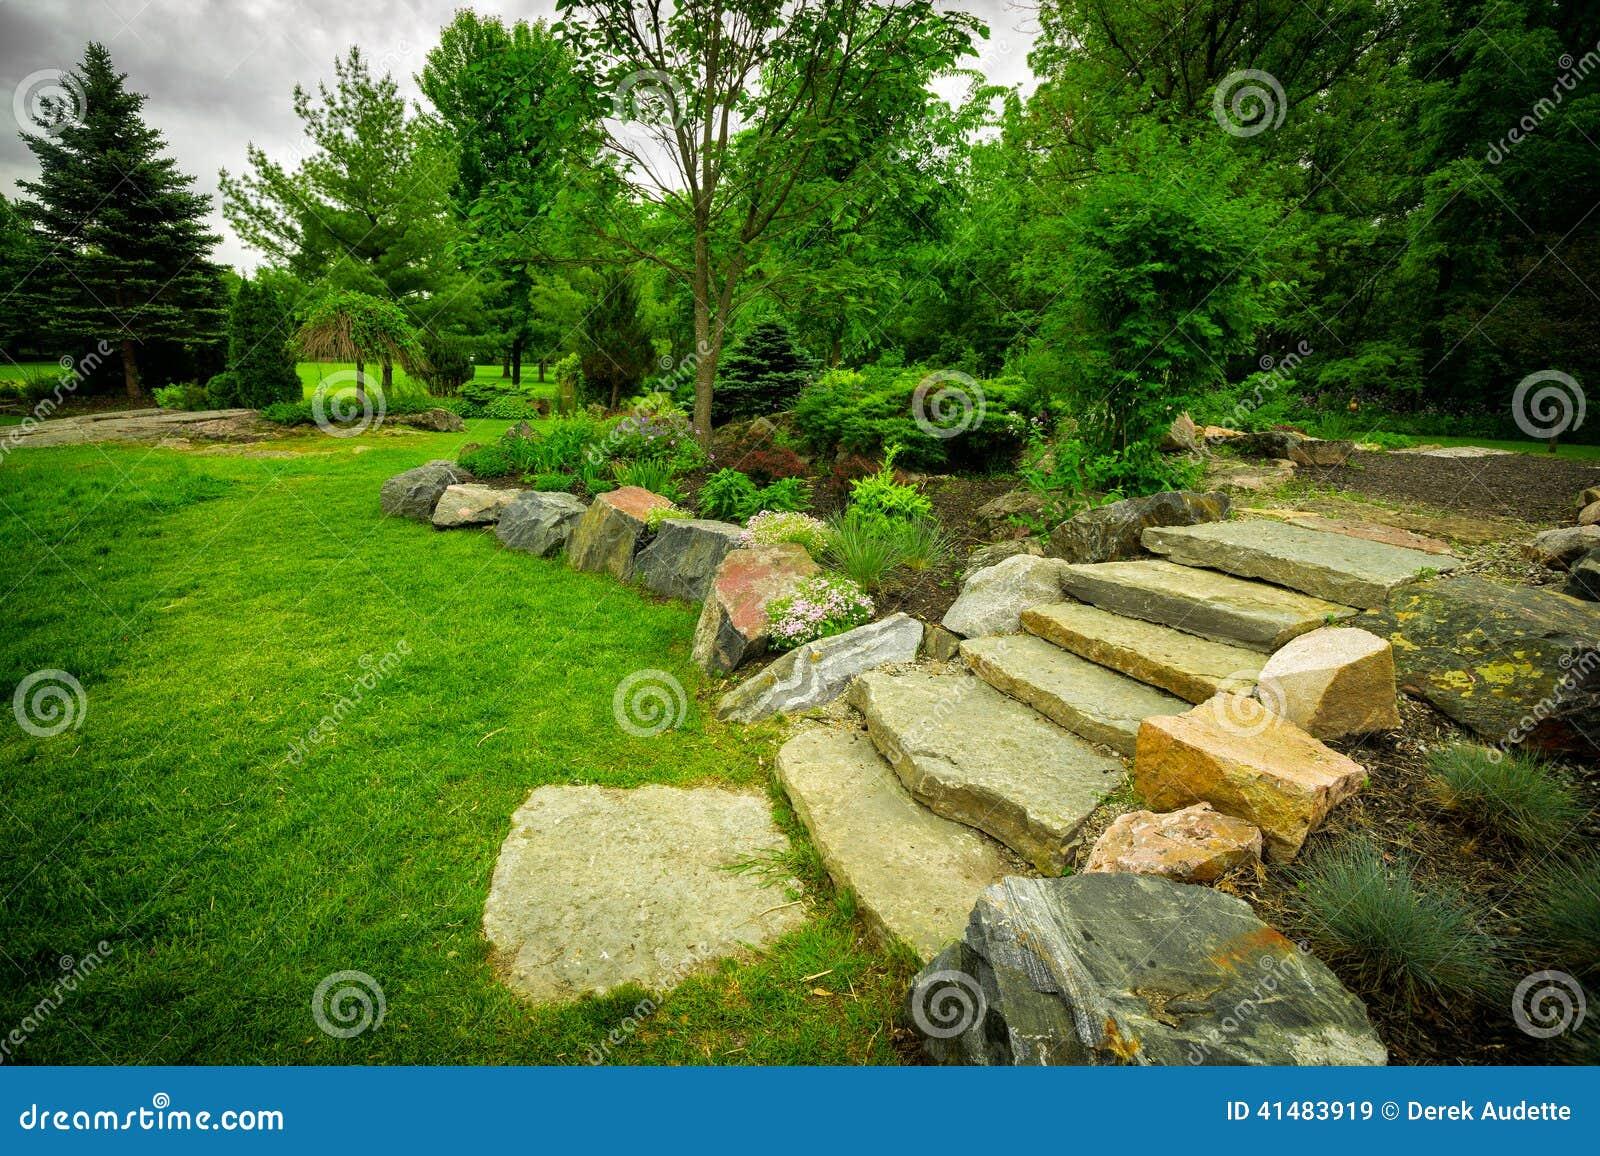 Escalier en pierre sur un chemin vert luxuriant de jardin photo stock image 41483919 for Escalier dans un jardin